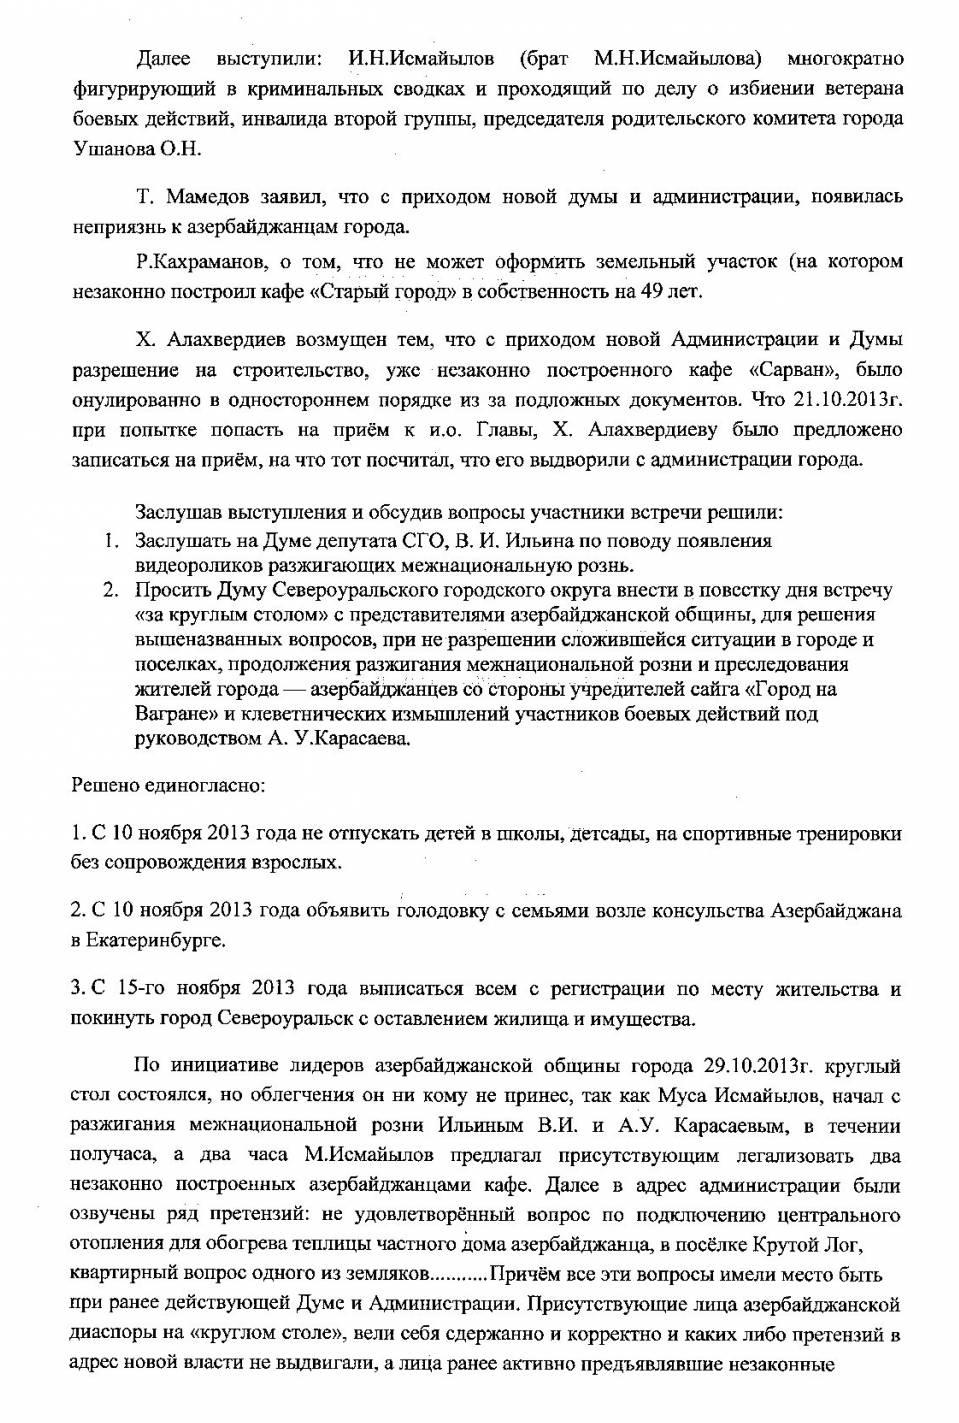 Обращение депутатов СГО и членов общественной палаты